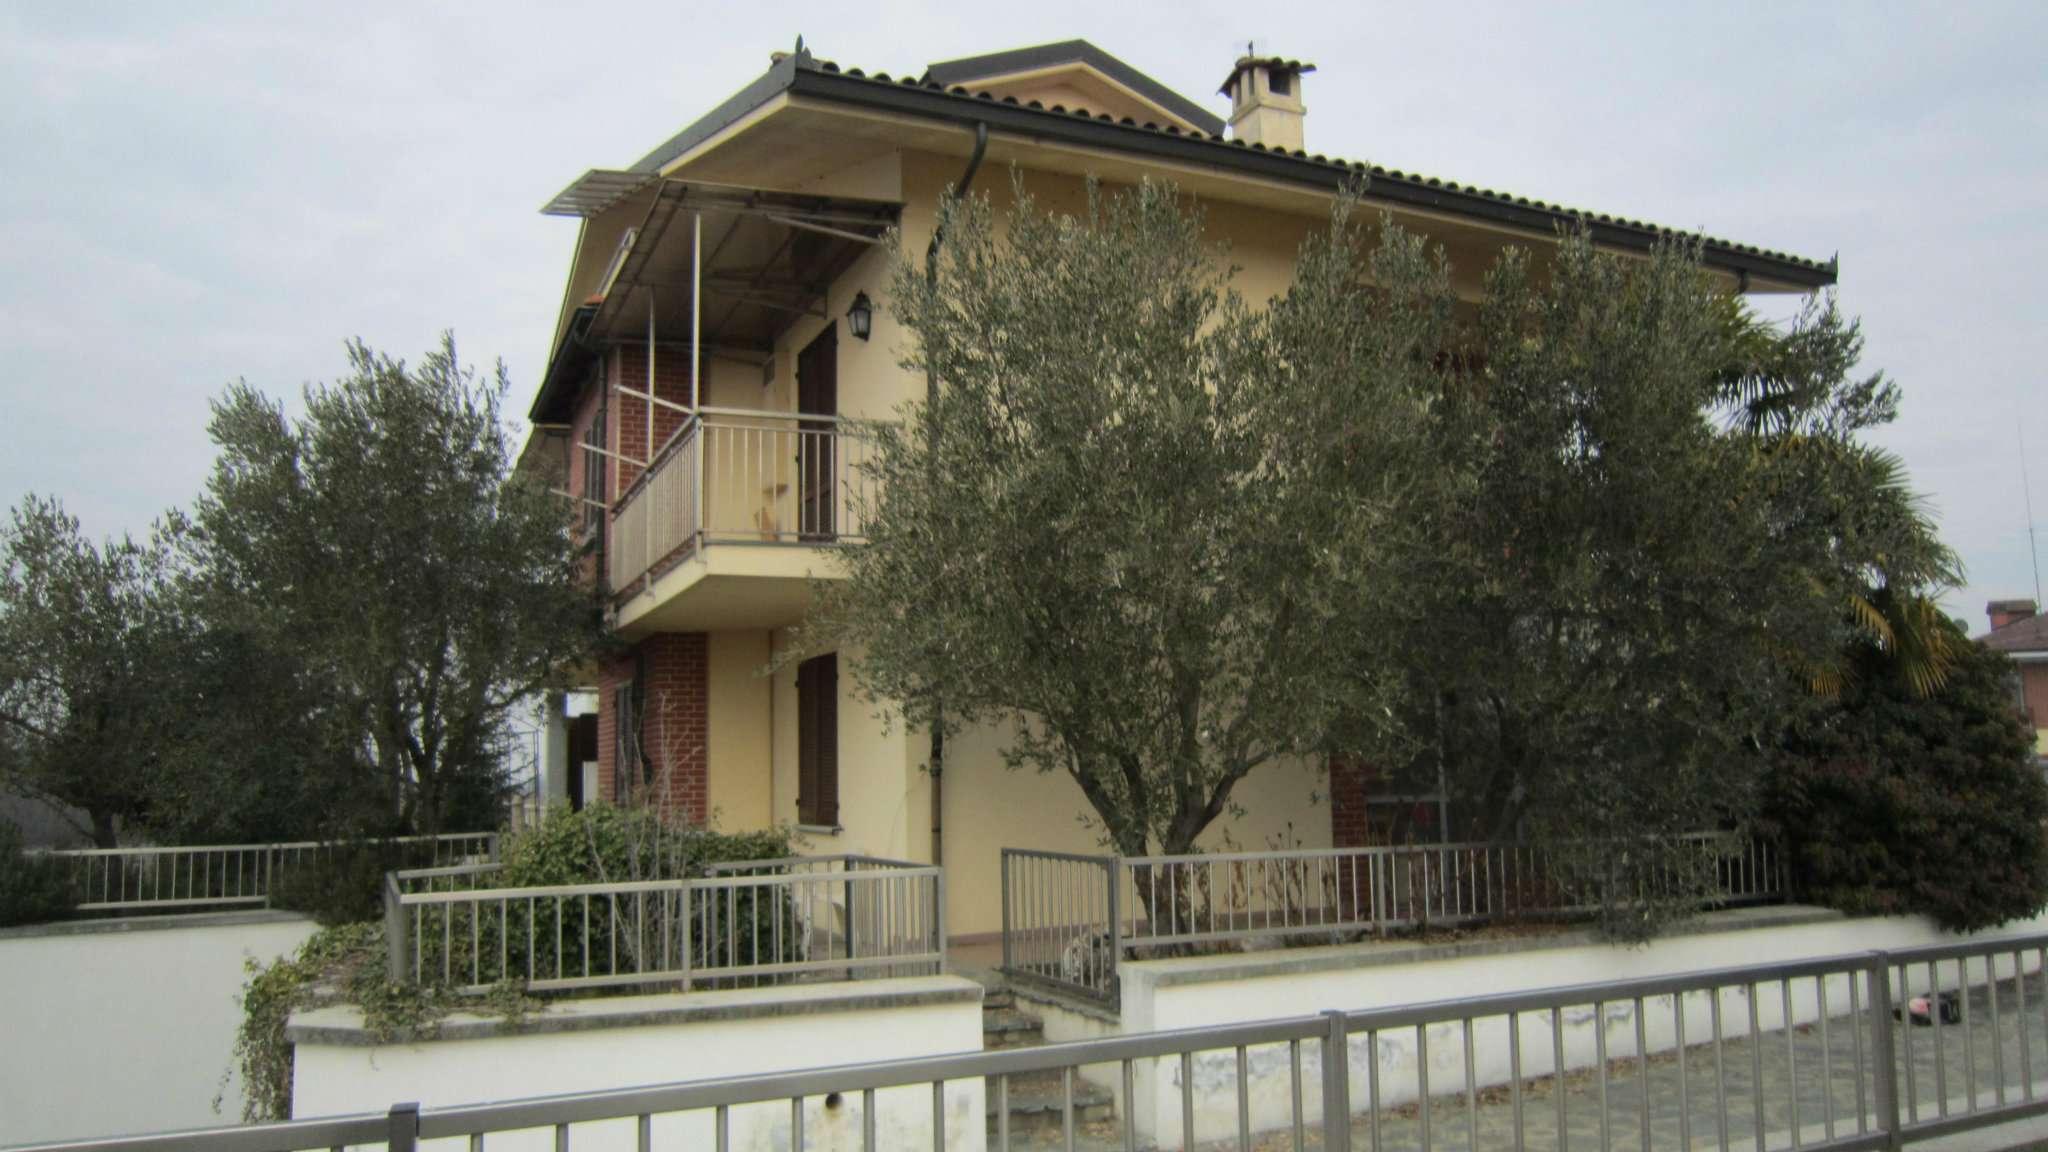 Palazzo / Stabile in vendita a Sanfrè, 13 locali, prezzo € 390.000 | PortaleAgenzieImmobiliari.it